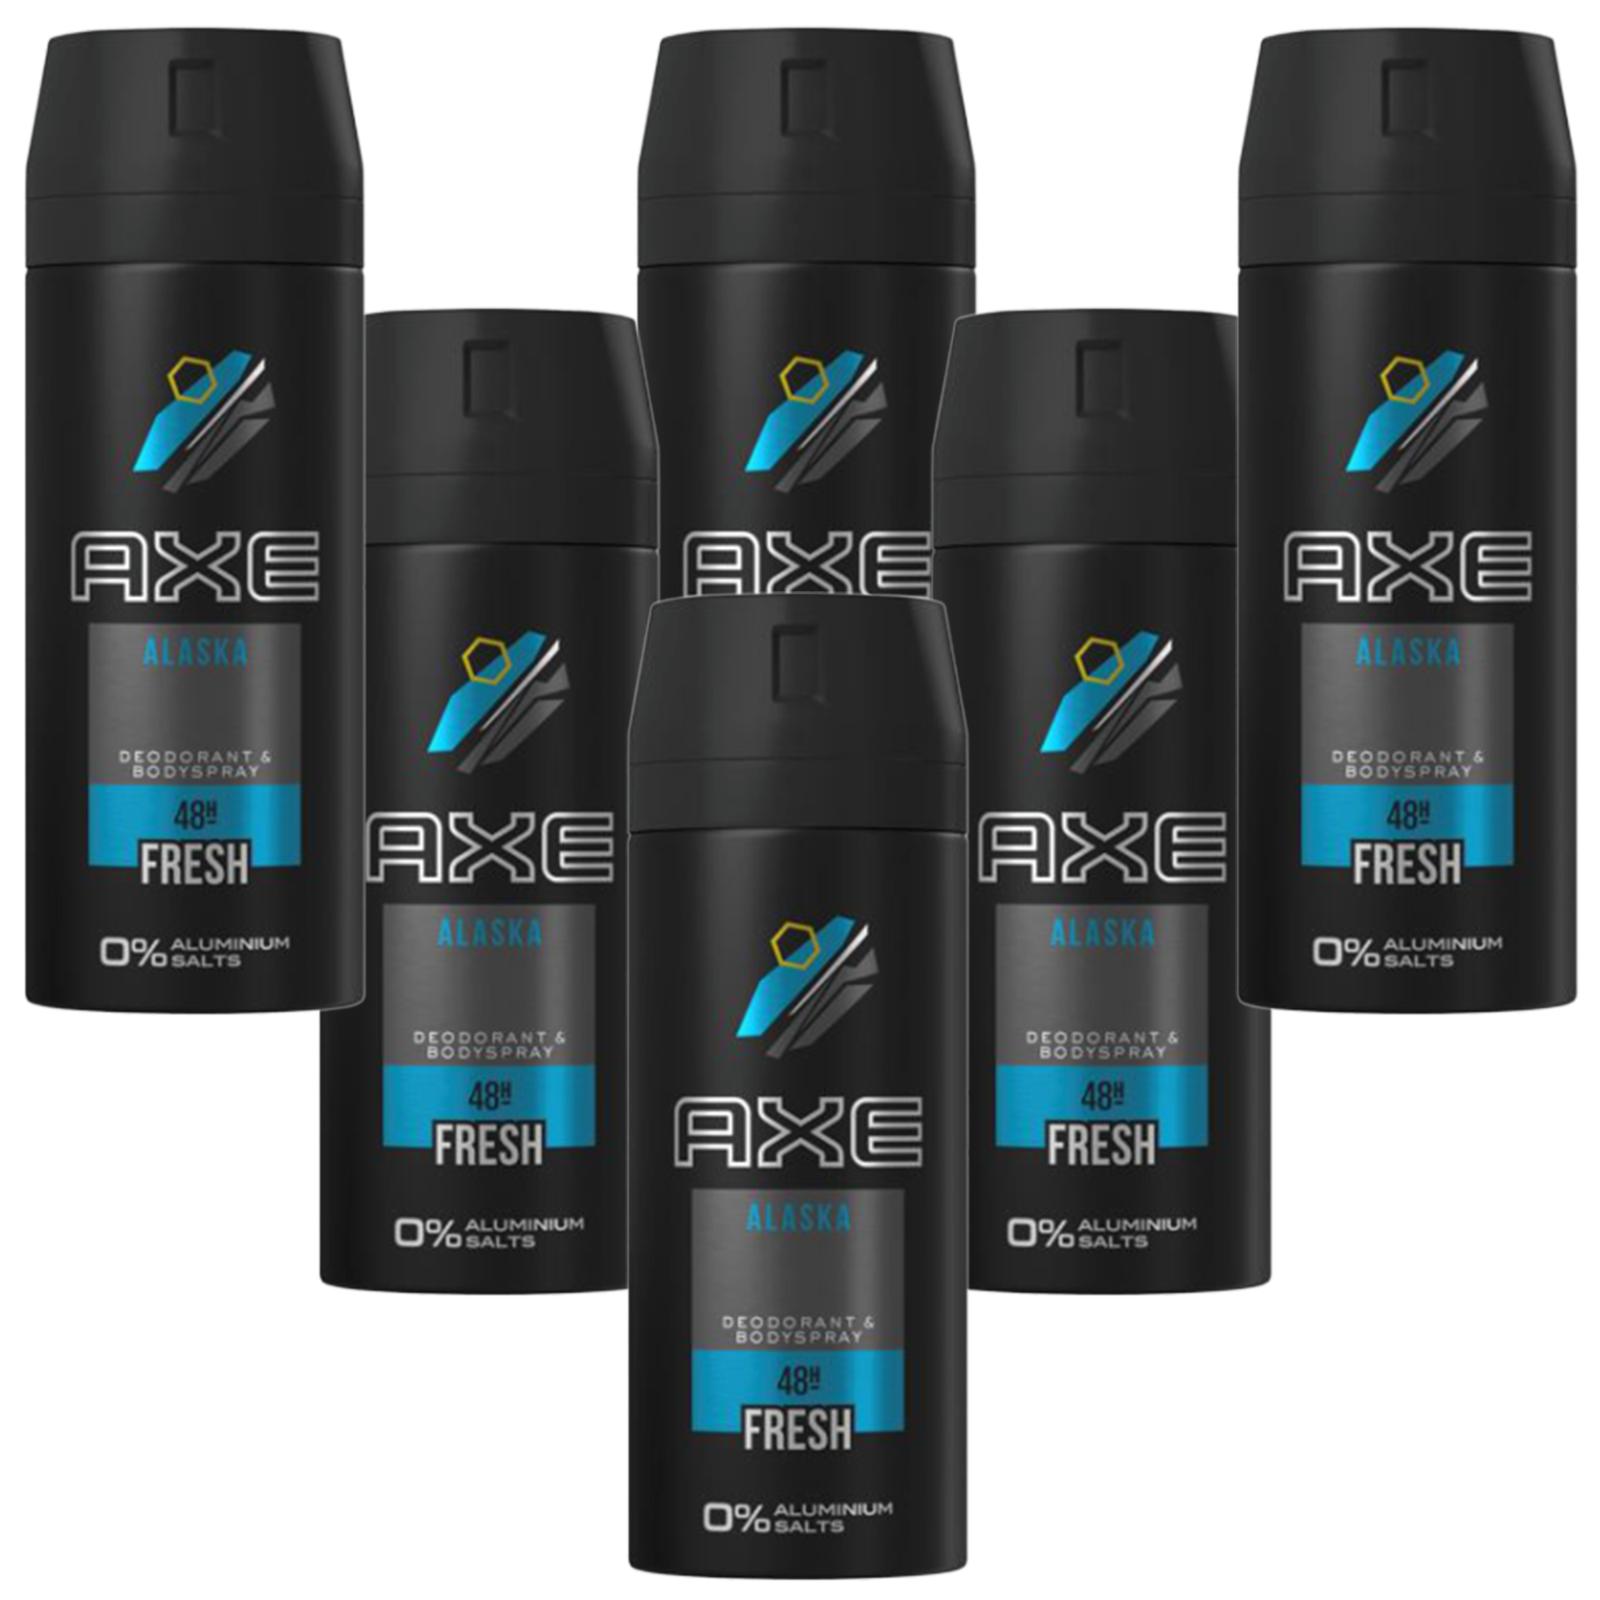 Deo Axe Alaska 6 x 150ml Deospray Deodorant Bodyspray ohne Aluminium Herren